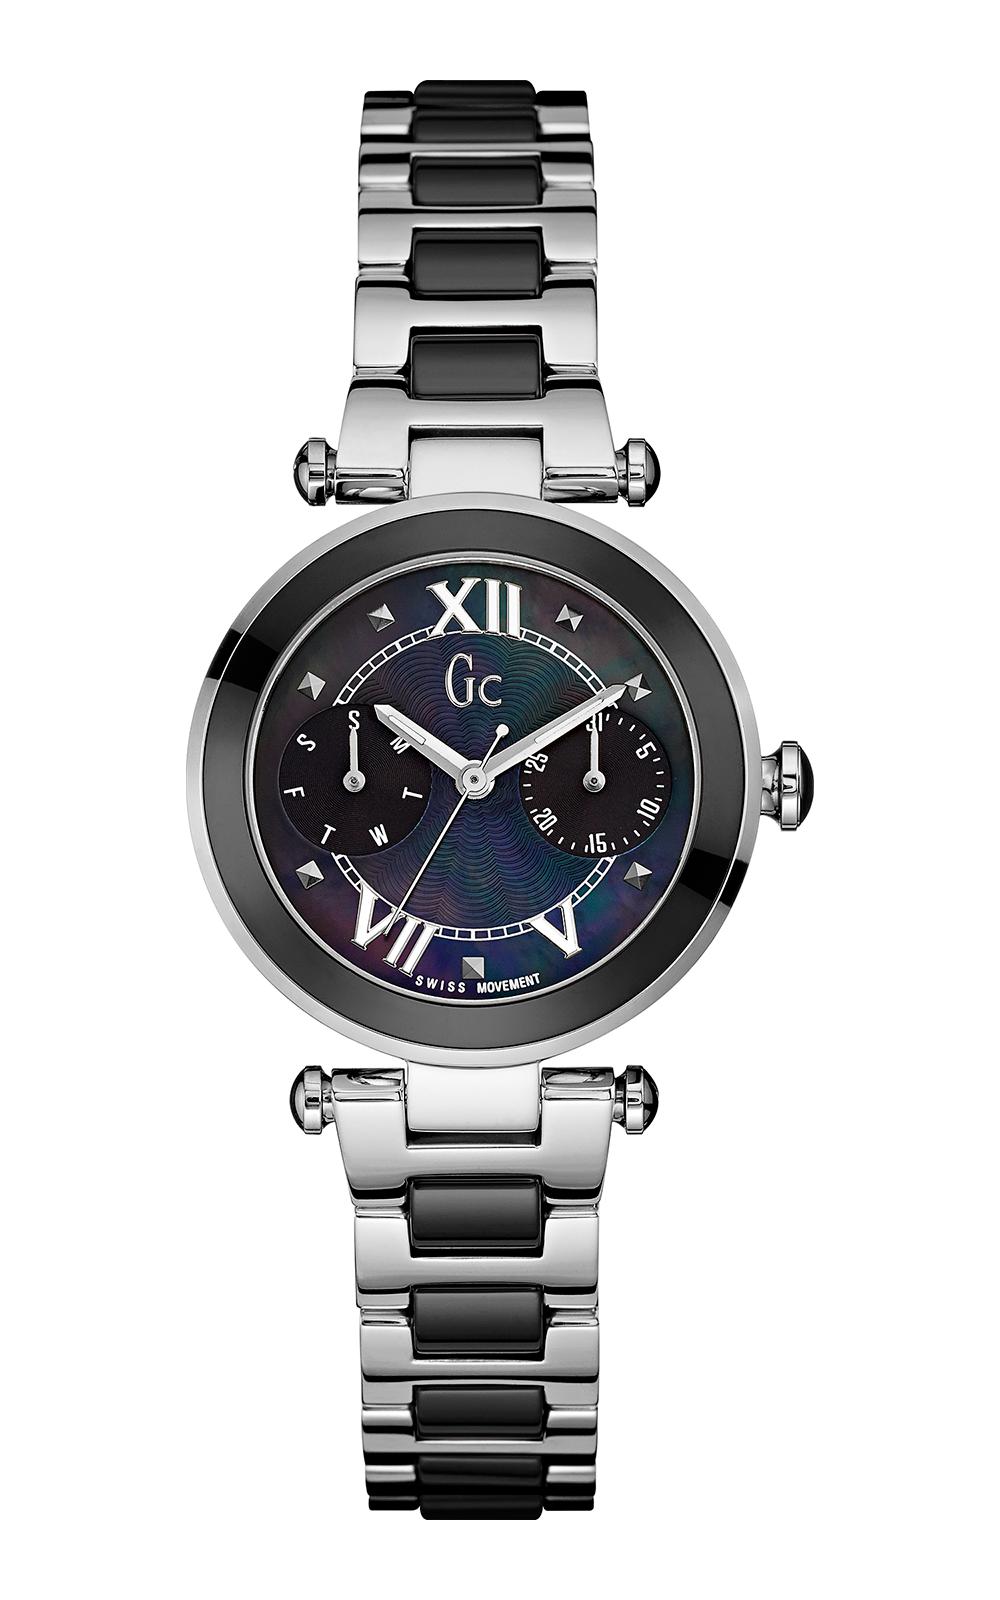 Gc Y06005L2 - женские наручные часы из коллекции Sport ChicGc<br><br><br>Бренд: Gc<br>Модель: Gc Y06005L2<br>Артикул: Y06005L2<br>Вариант артикула: None<br>Коллекция: Sport Chic<br>Подколлекция: None<br>Страна: Швейцария<br>Пол: женские<br>Тип механизма: кварцевые<br>Механизм: Ronda 706<br>Количество камней: None<br>Автоподзавод: None<br>Источник энергии: от батарейки<br>Срок службы элемента питания: None<br>Дисплей: стрелки<br>Цифры: римские<br>Водозащита: WR 100<br>Противоударные: None<br>Материал корпуса: нерж. сталь, частичное покрытие корпуса<br>Материал браслета: нерж. сталь, частичное дополнительное покрытие<br>Материал безеля: None<br>Стекло: минеральное<br>Антибликовое покрытие: None<br>Цвет корпуса: None<br>Цвет браслета: None<br>Цвет циферблата: None<br>Цвет безеля: None<br>Размеры: 32x9.9 мм<br>Диаметр: None<br>Диаметр корпуса: None<br>Толщина: None<br>Ширина ремешка: None<br>Вес: None<br>Спорт-функции: None<br>Подсветка: стрелок<br>Вставка: None<br>Отображение даты: число, день недели<br>Хронограф: None<br>Таймер: None<br>Термометр: None<br>Хронометр: None<br>GPS: None<br>Радиосинхронизация: None<br>Барометр: None<br>Скелетон: None<br>Дополнительная информация: None<br>Дополнительные функции: None